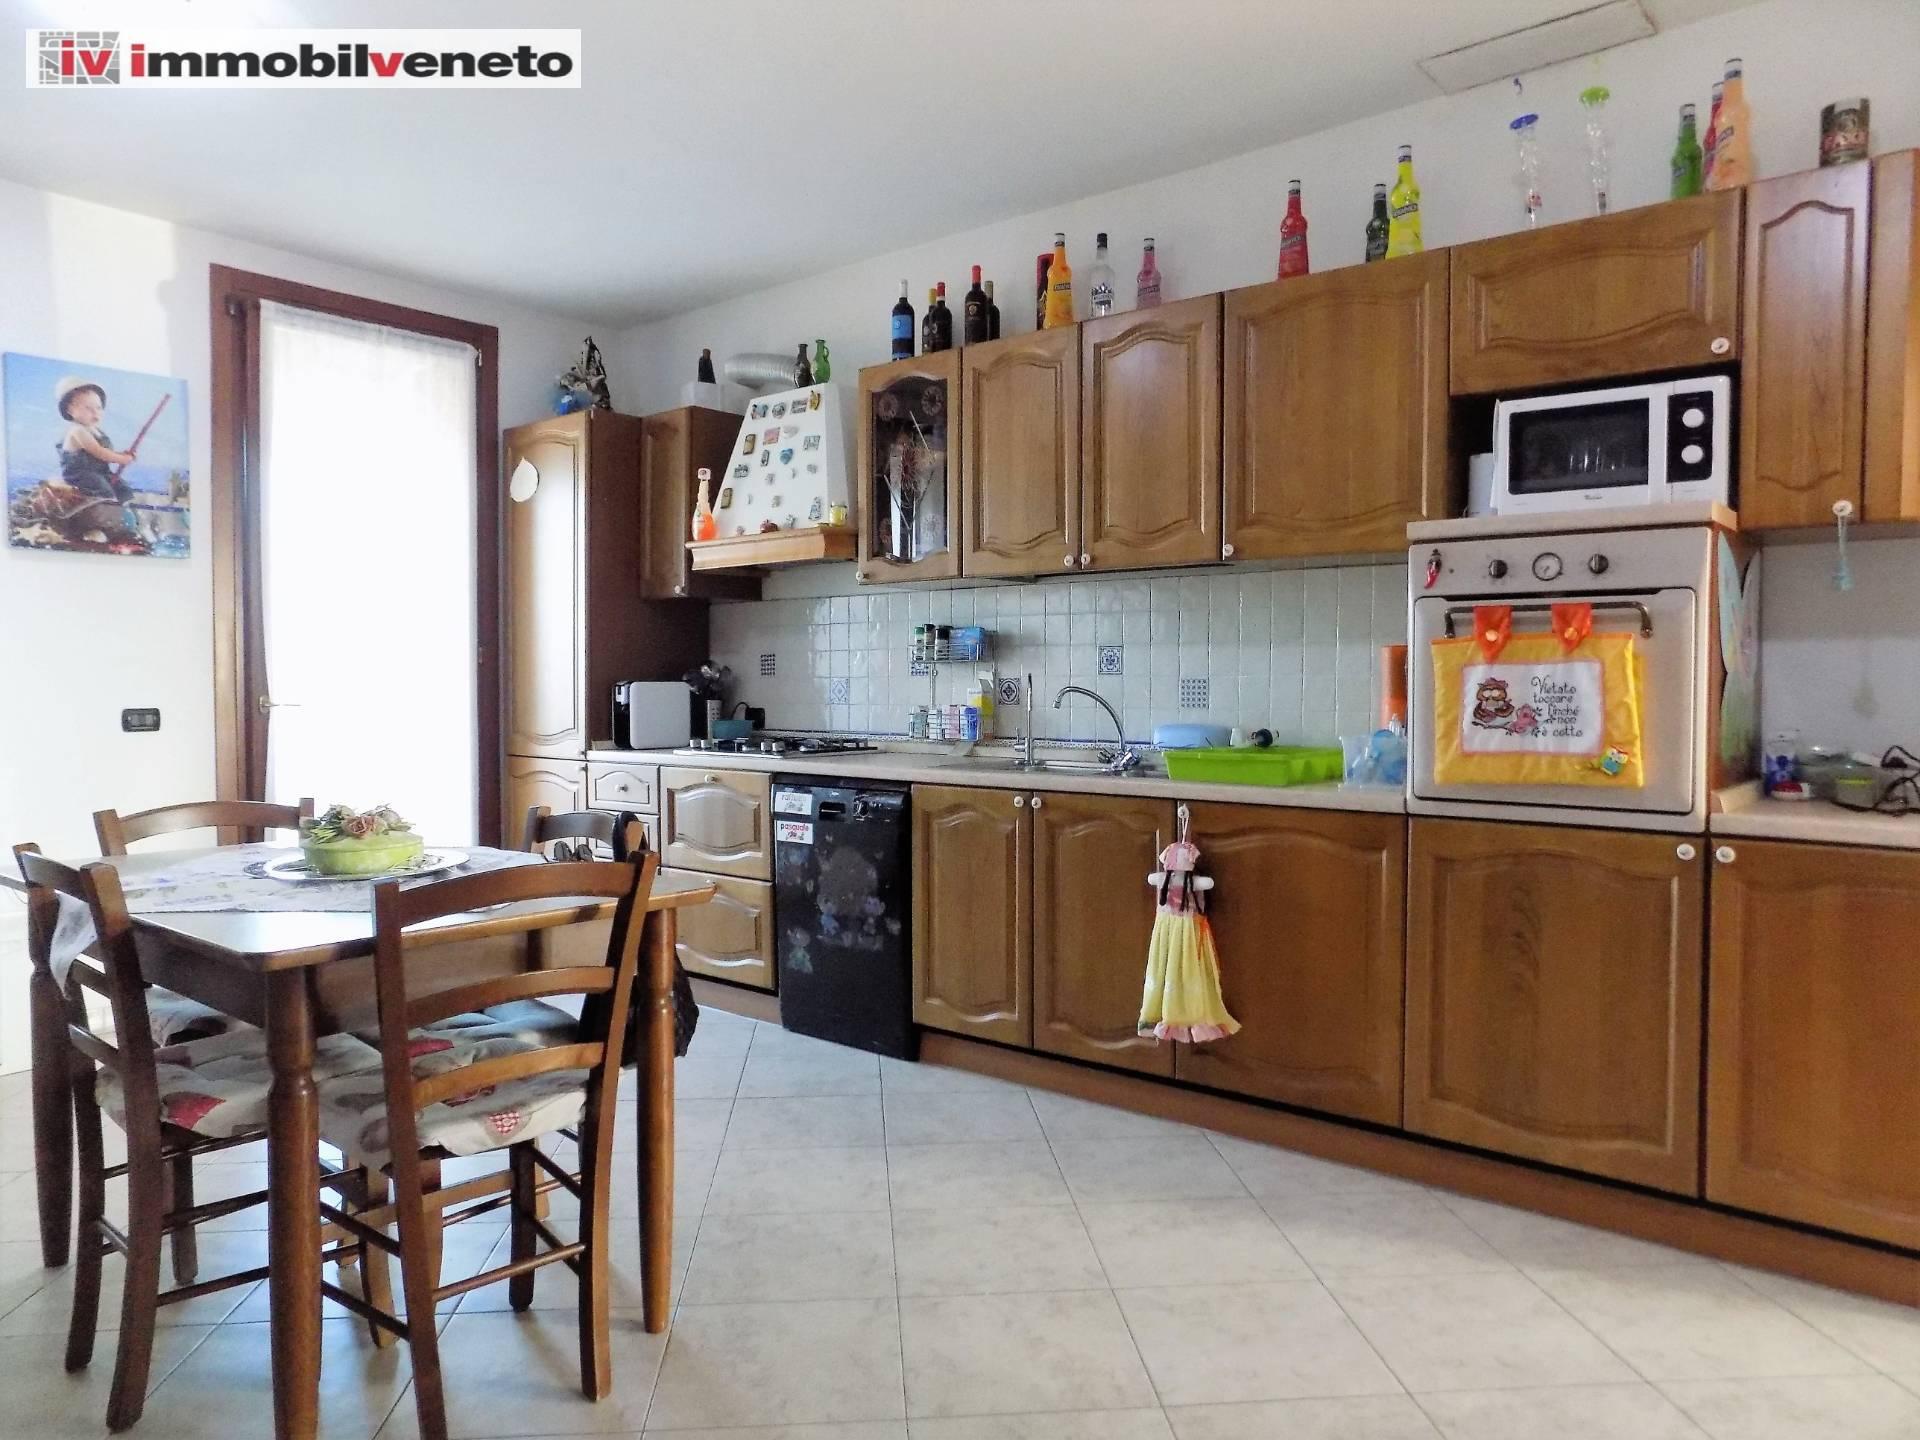 Appartamento in vendita a Lonigo, 5 locali, zona Zona: Almisano, prezzo € 100.000   CambioCasa.it